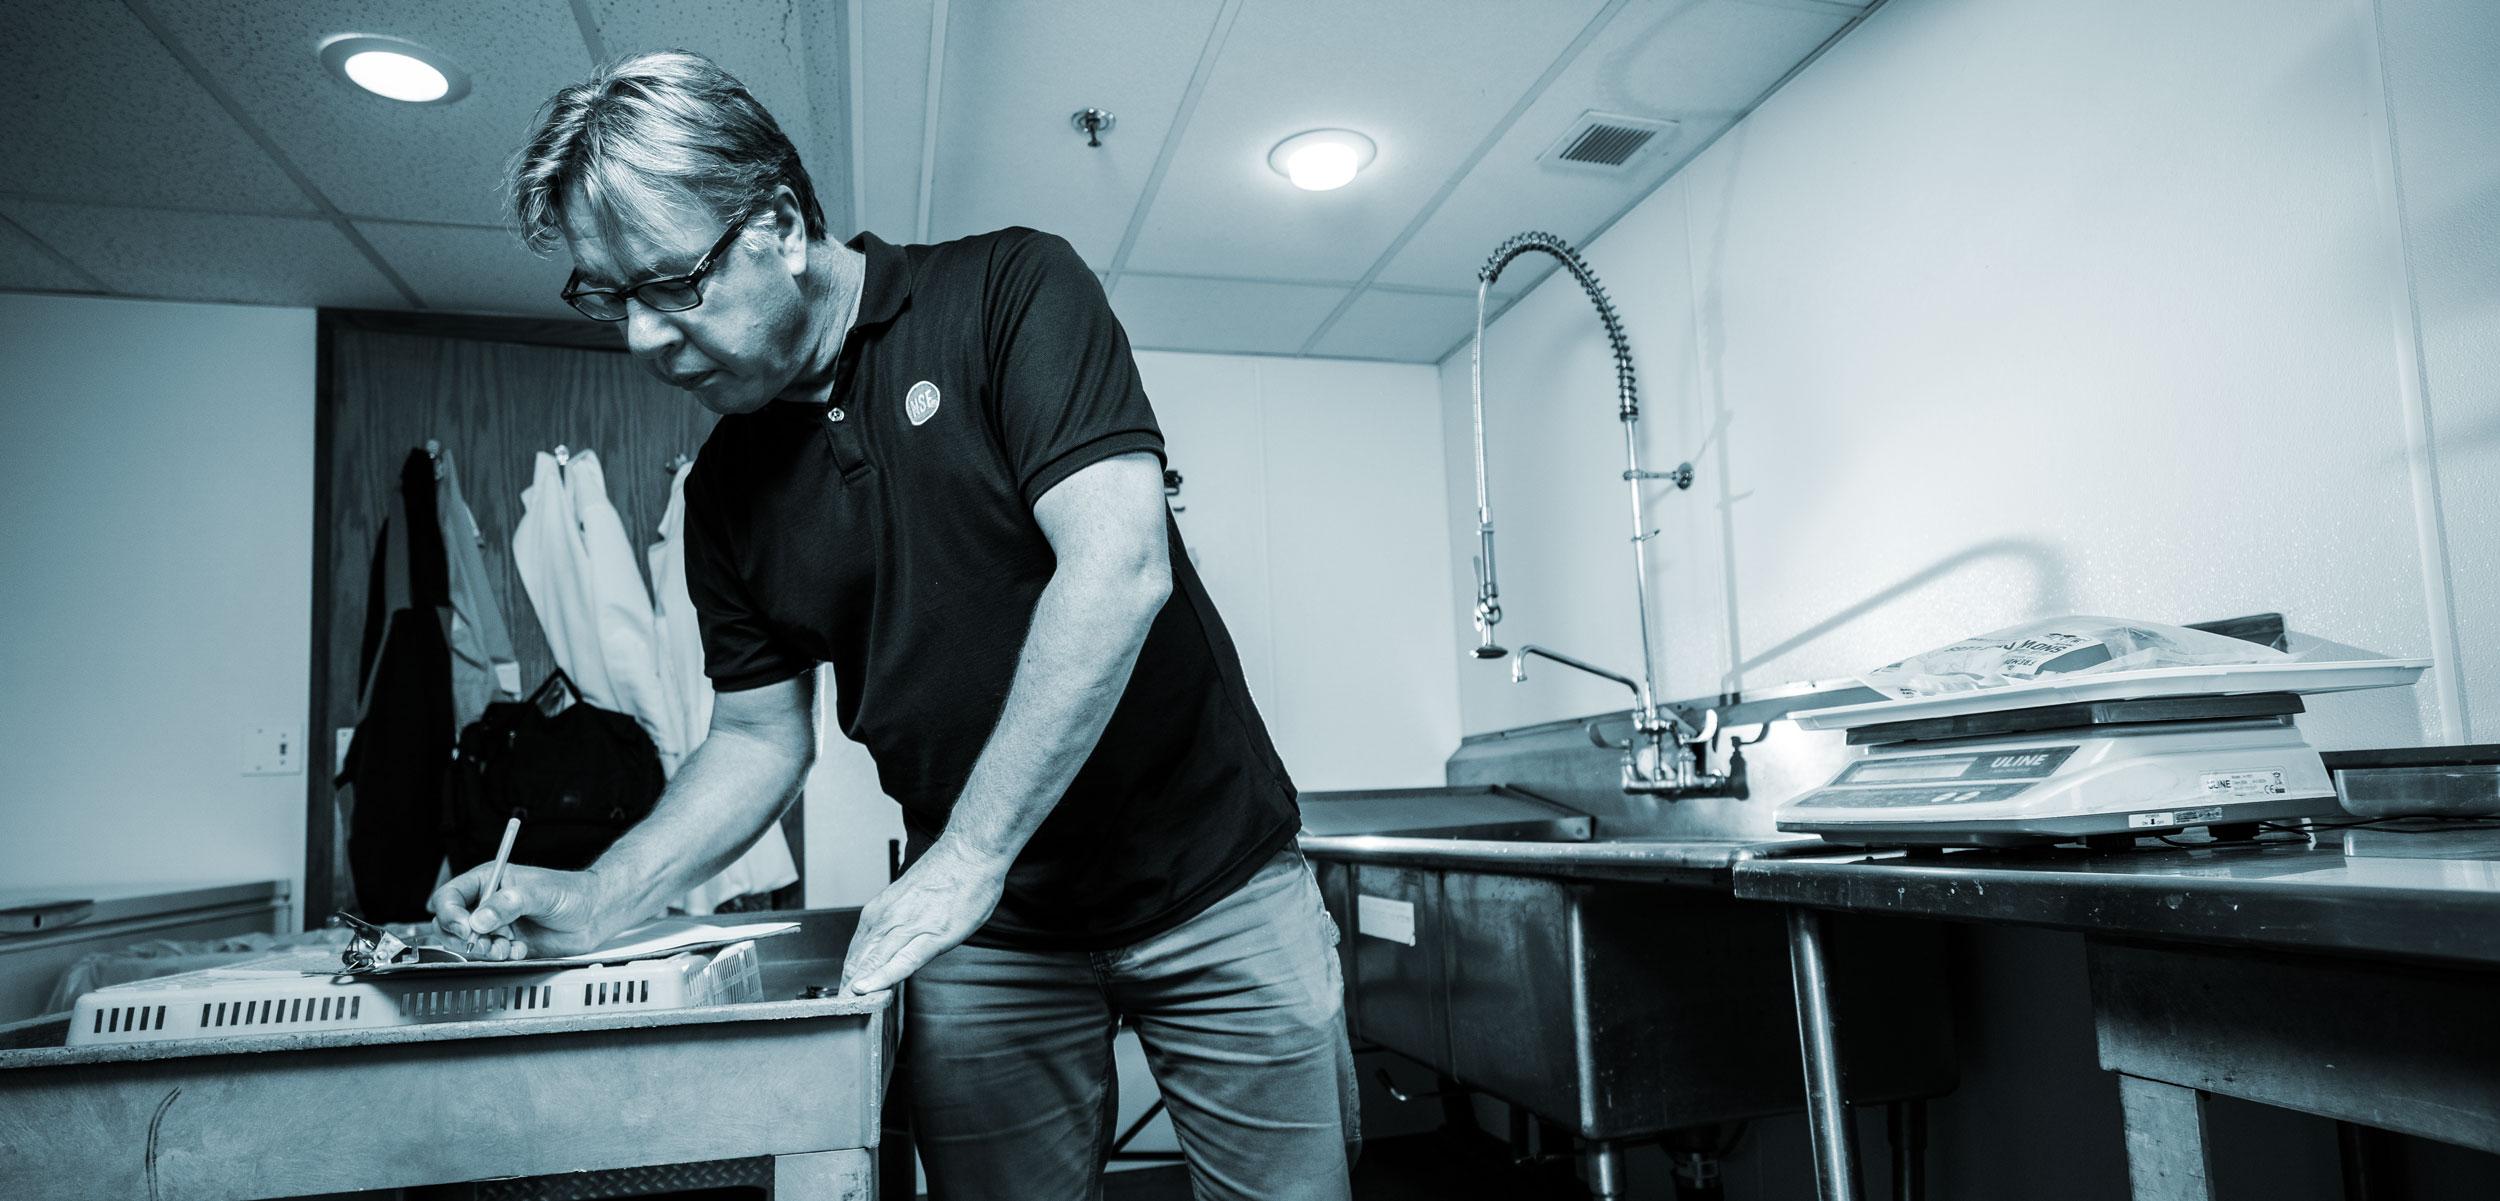 Seafood inspector Scott Albrecht